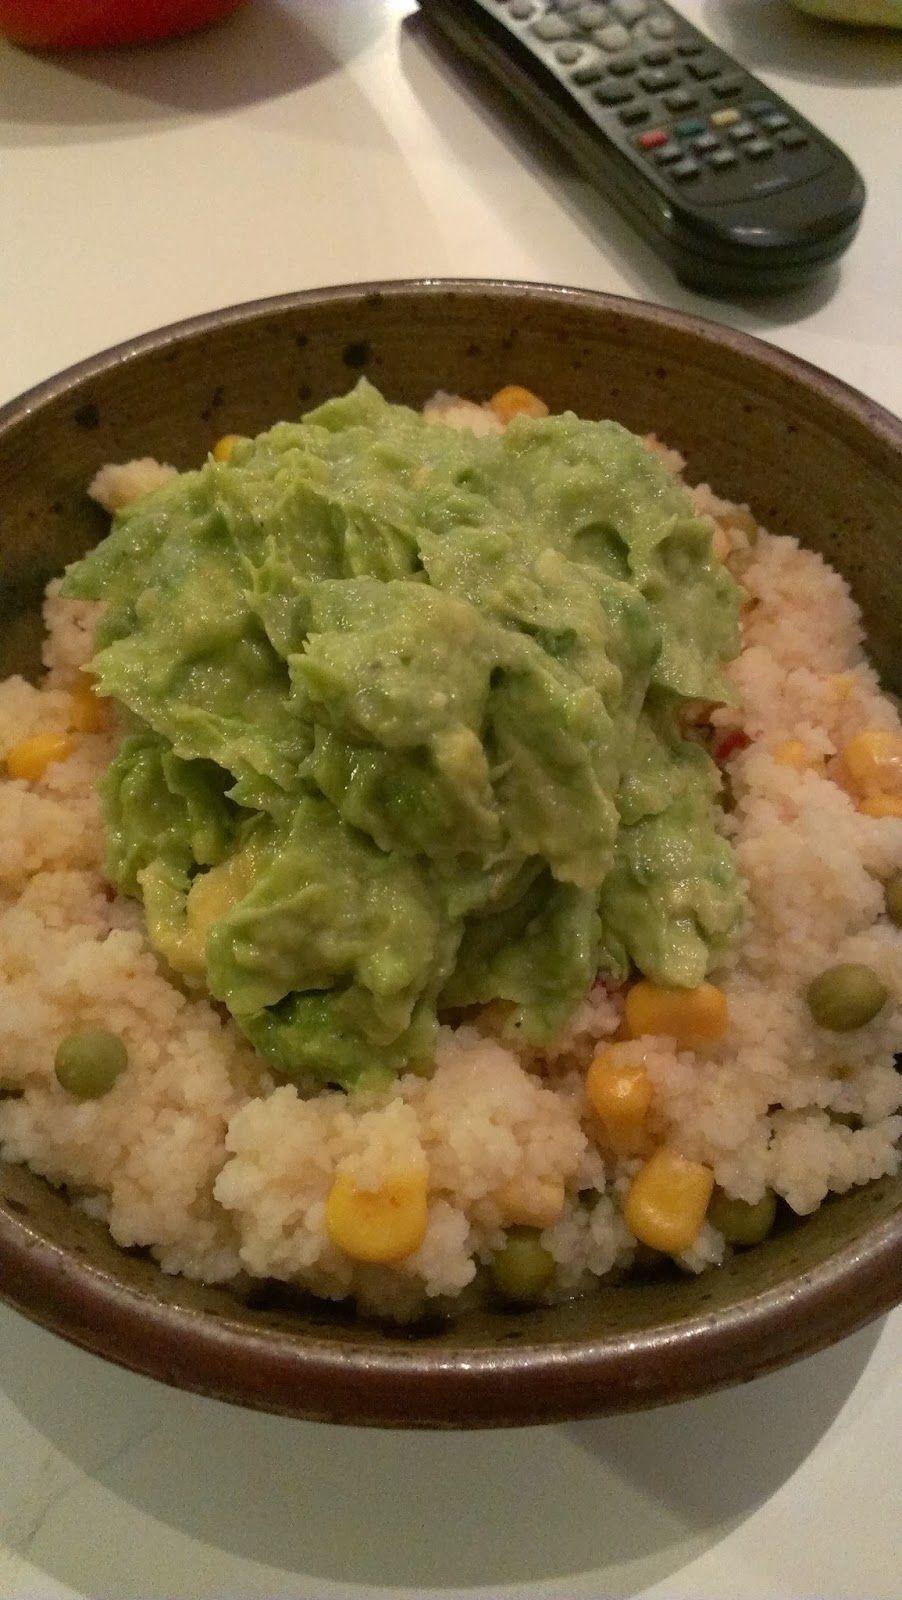 Ein Abendessen für Ultrafaule, wie Sinah sagt: Couscous mit TexMex und Avocadocreme. Yammie!